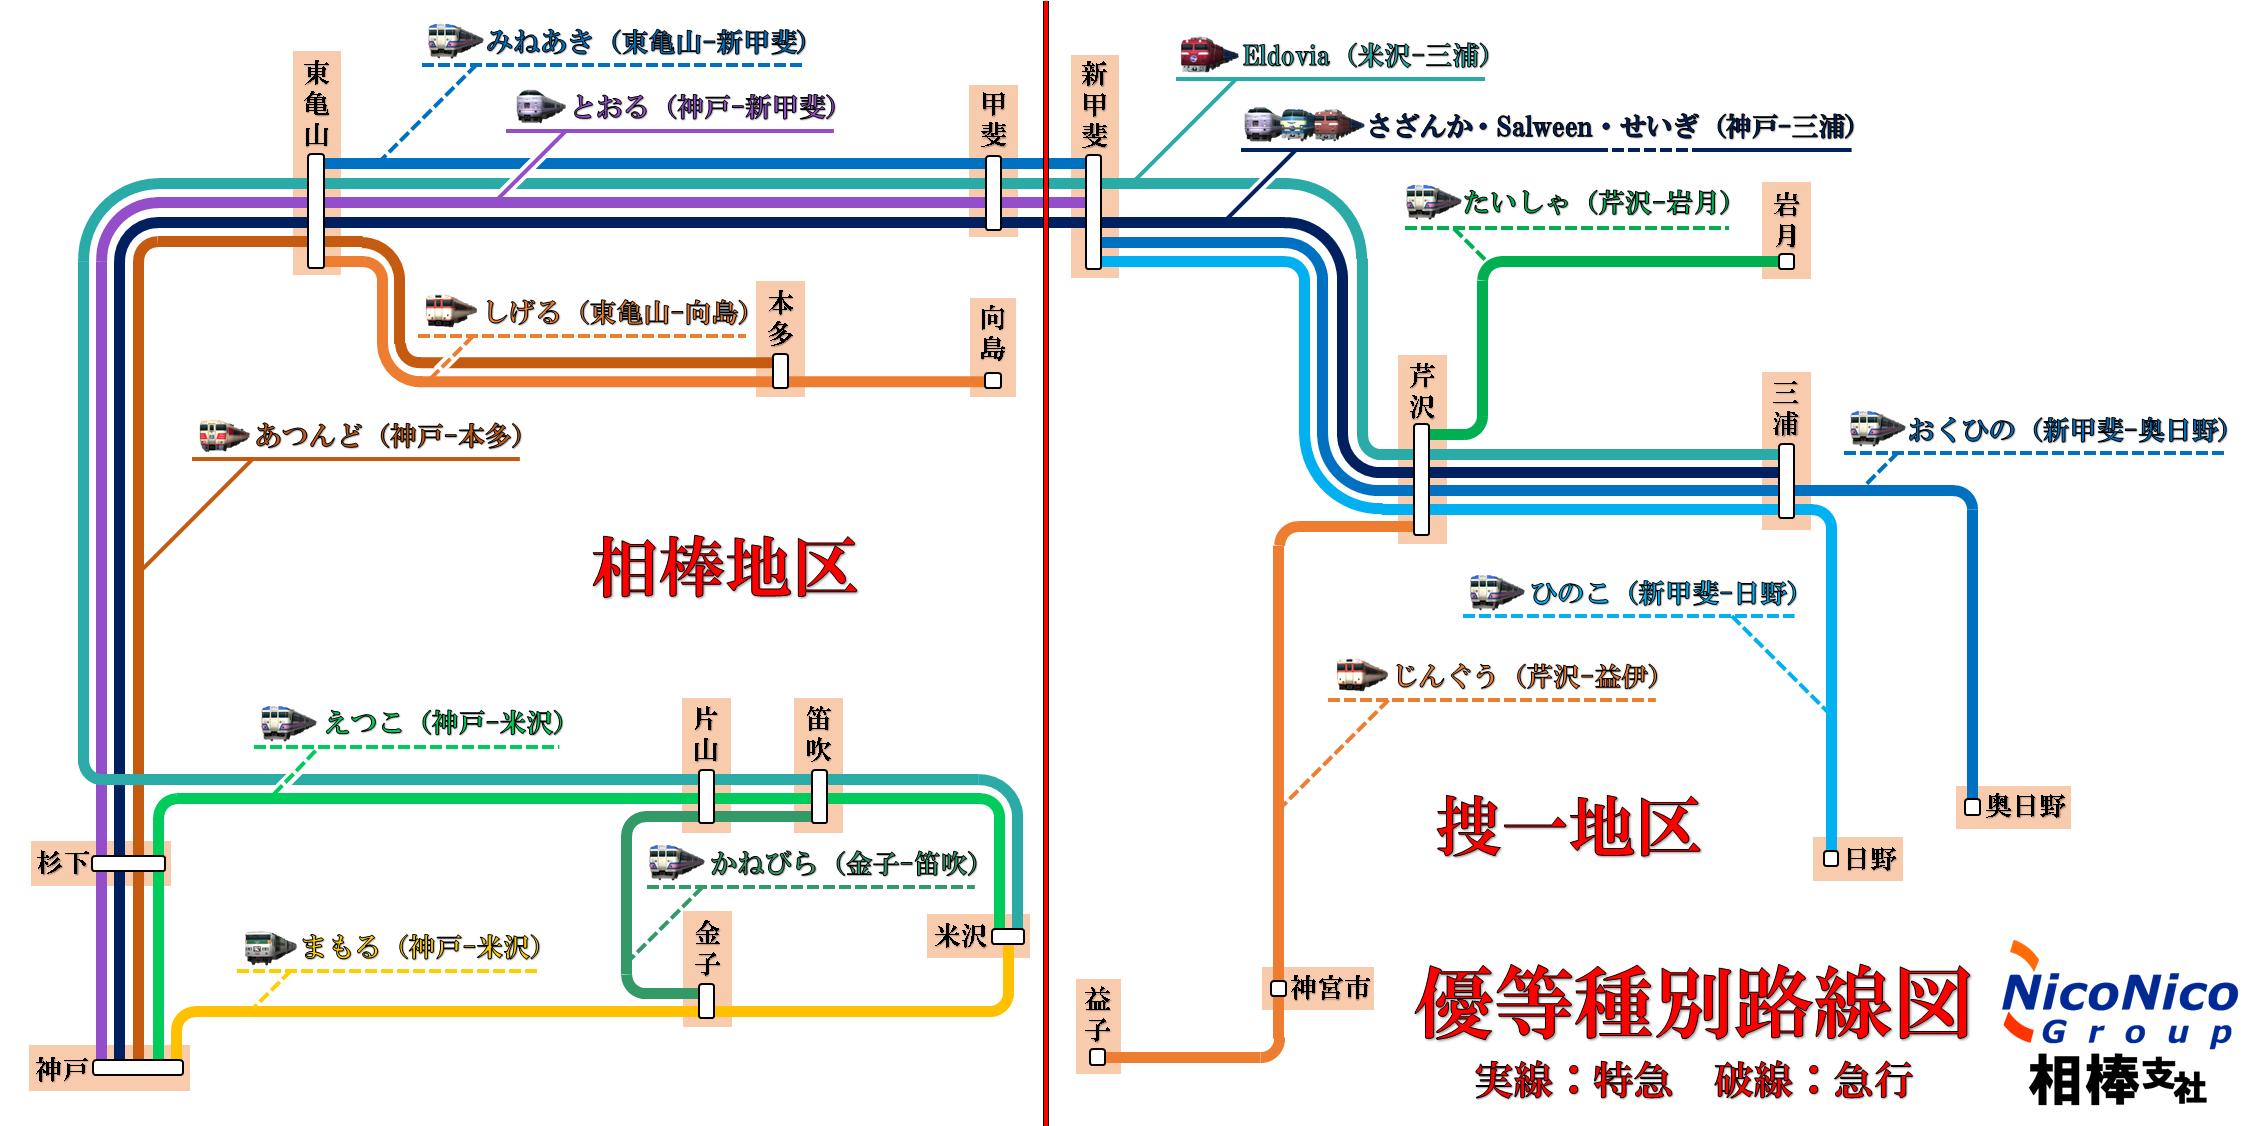 急行運行系統図ver.3.png